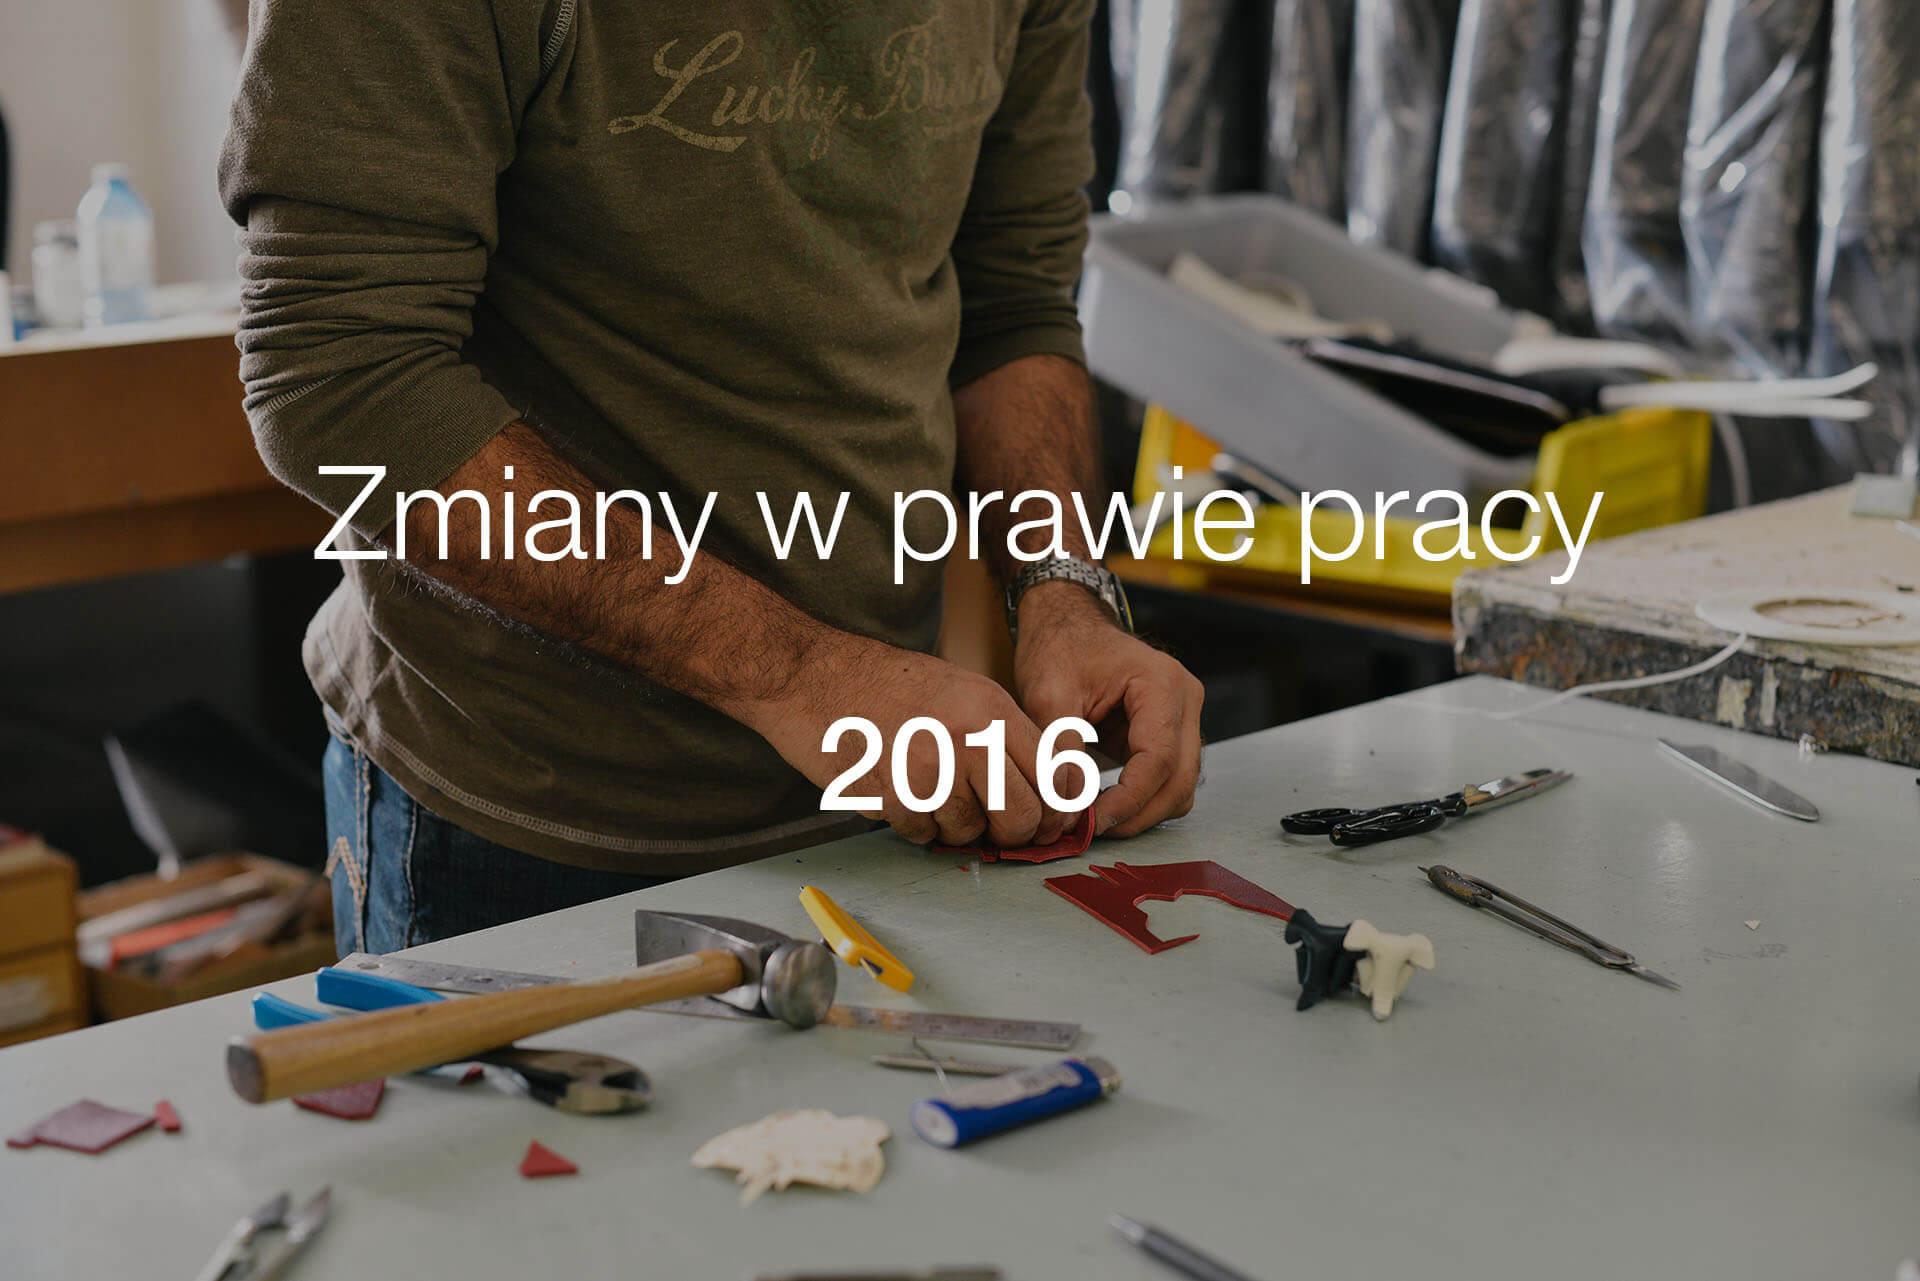 Zmiany w prawie pracy w 2016